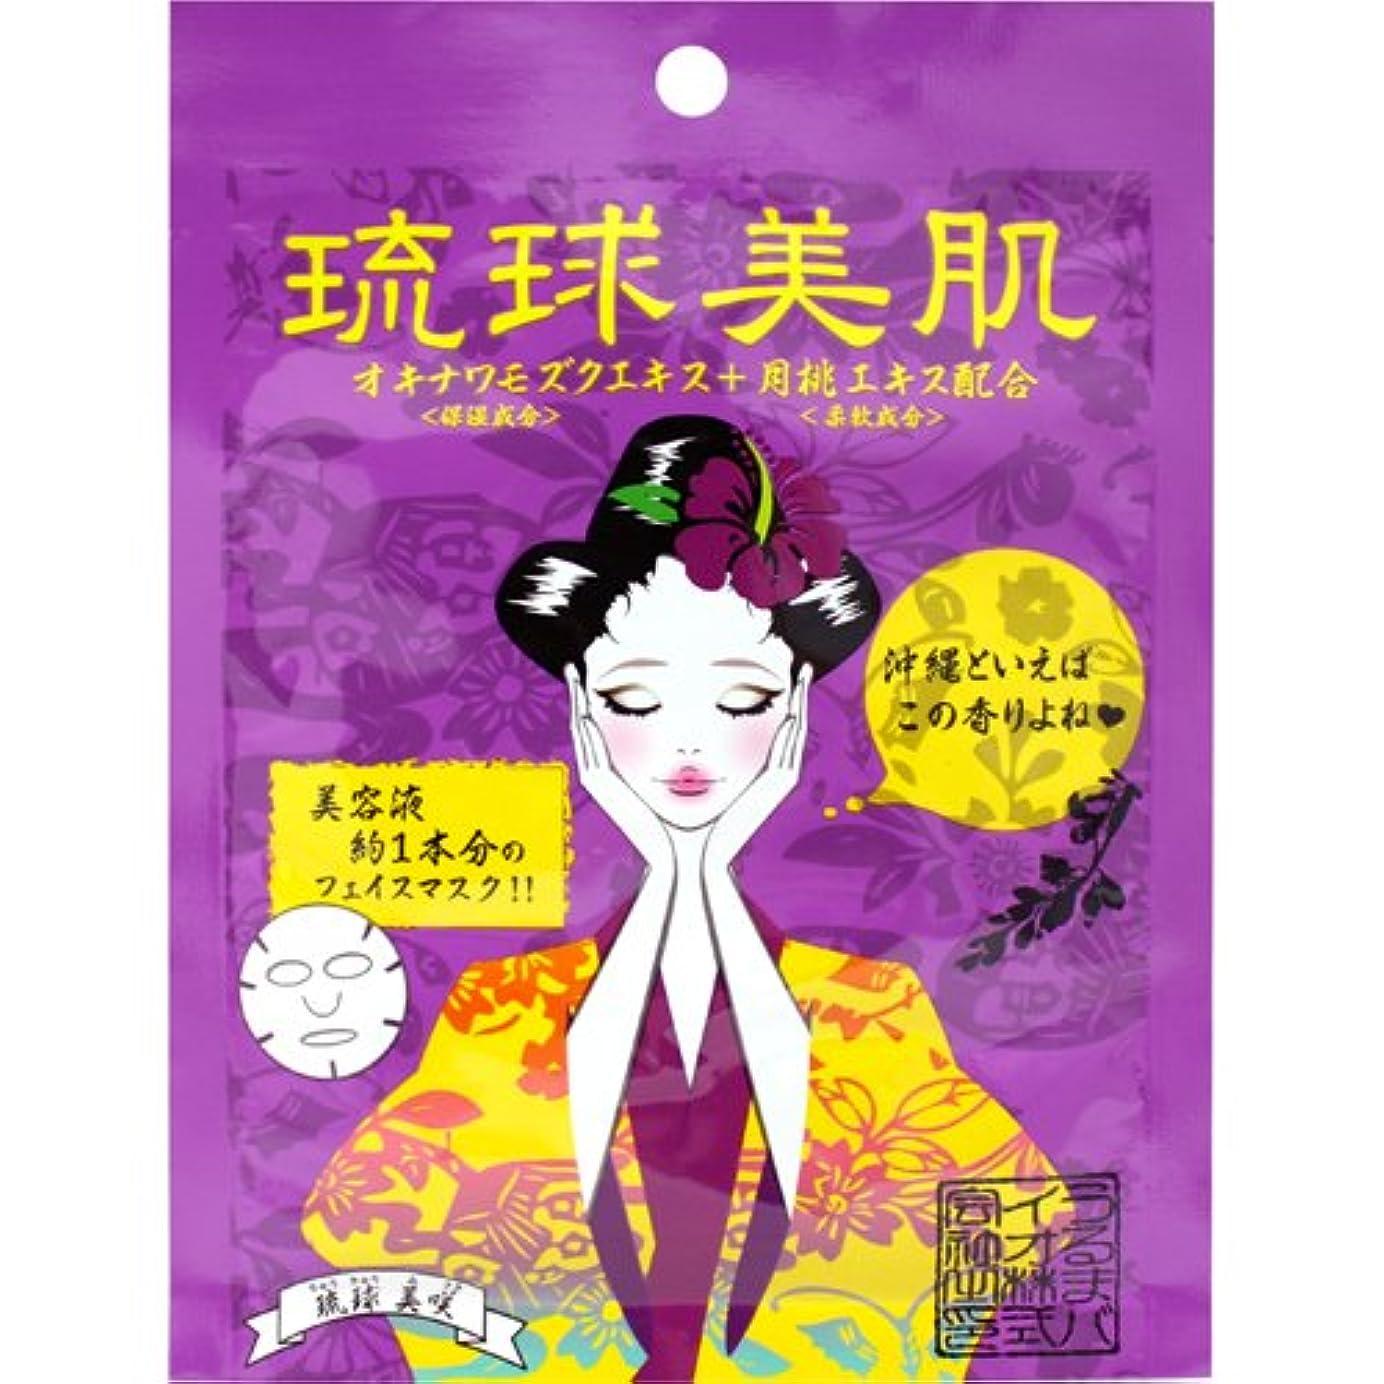 フローティングクロールジョイント琉球美肌 フェイスマスクシート 月桃の香り 10枚セット